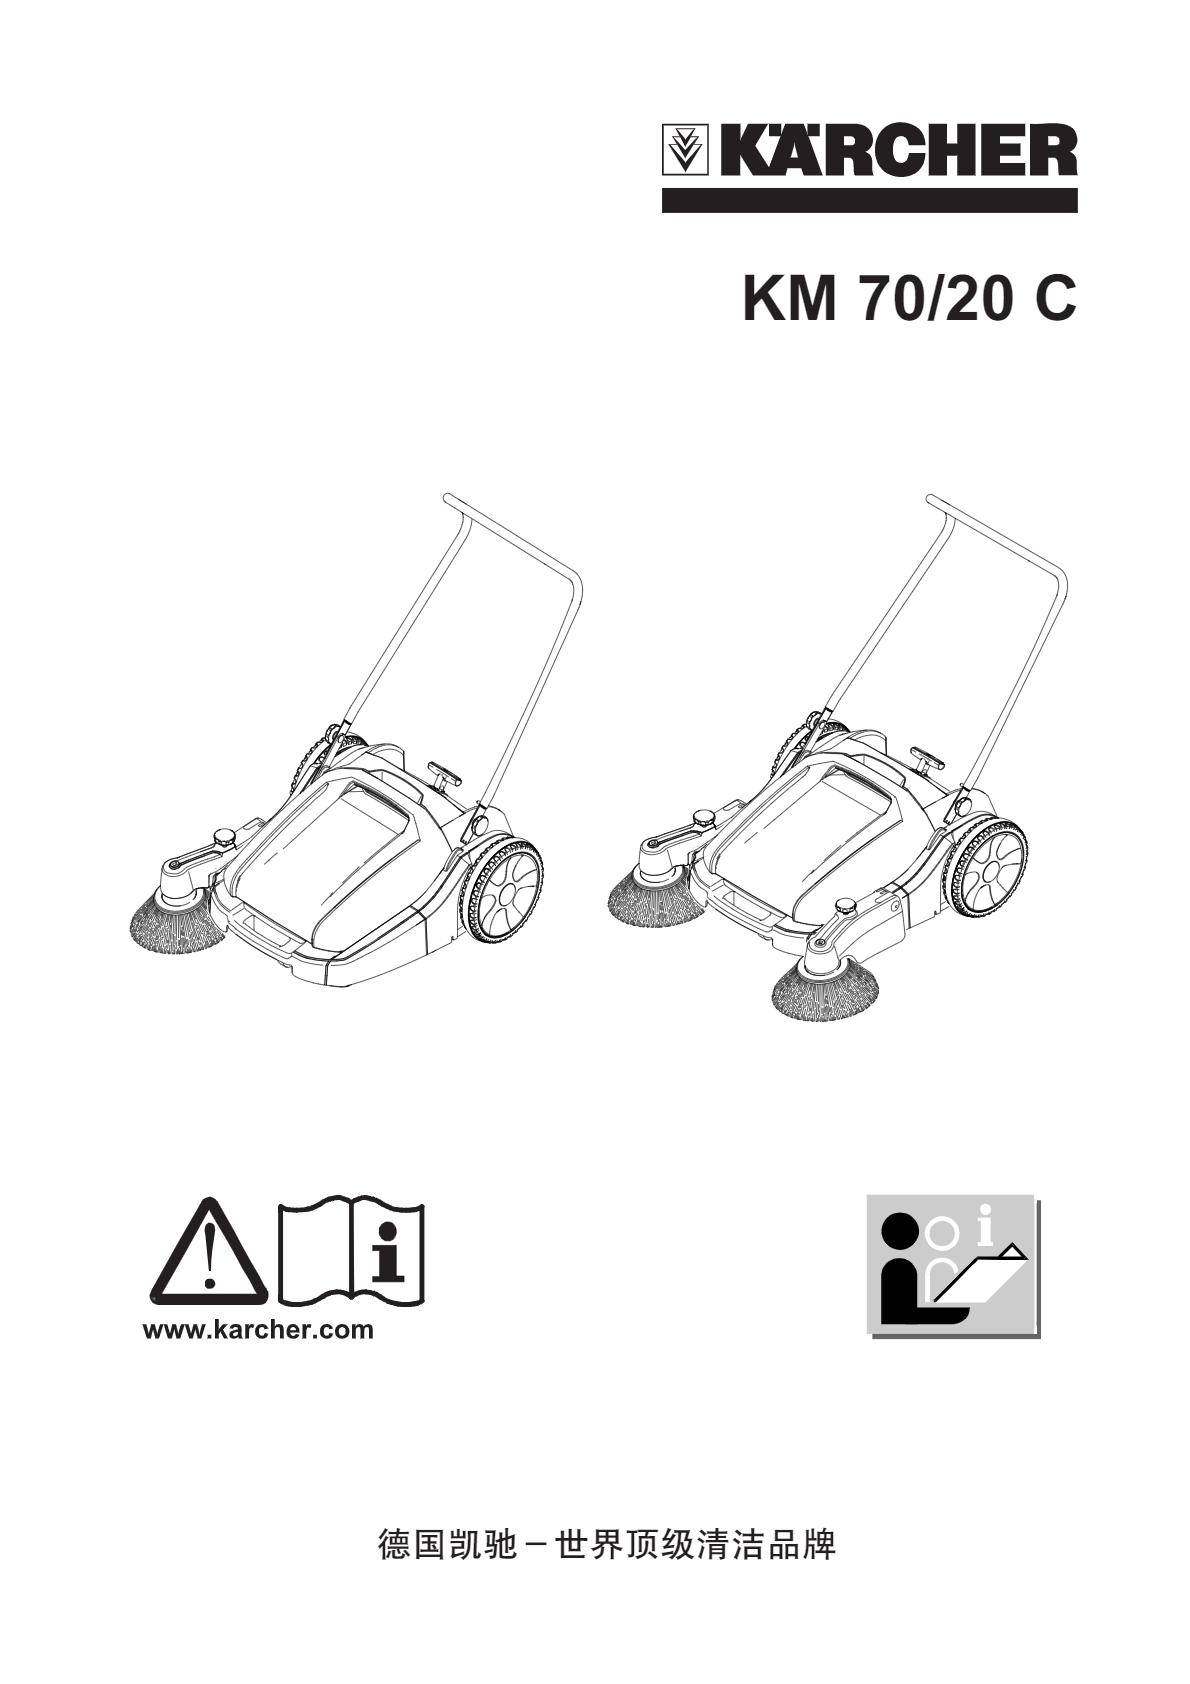 手推式扫地机 KM 70/20 C 2SB 说明书说明书下载